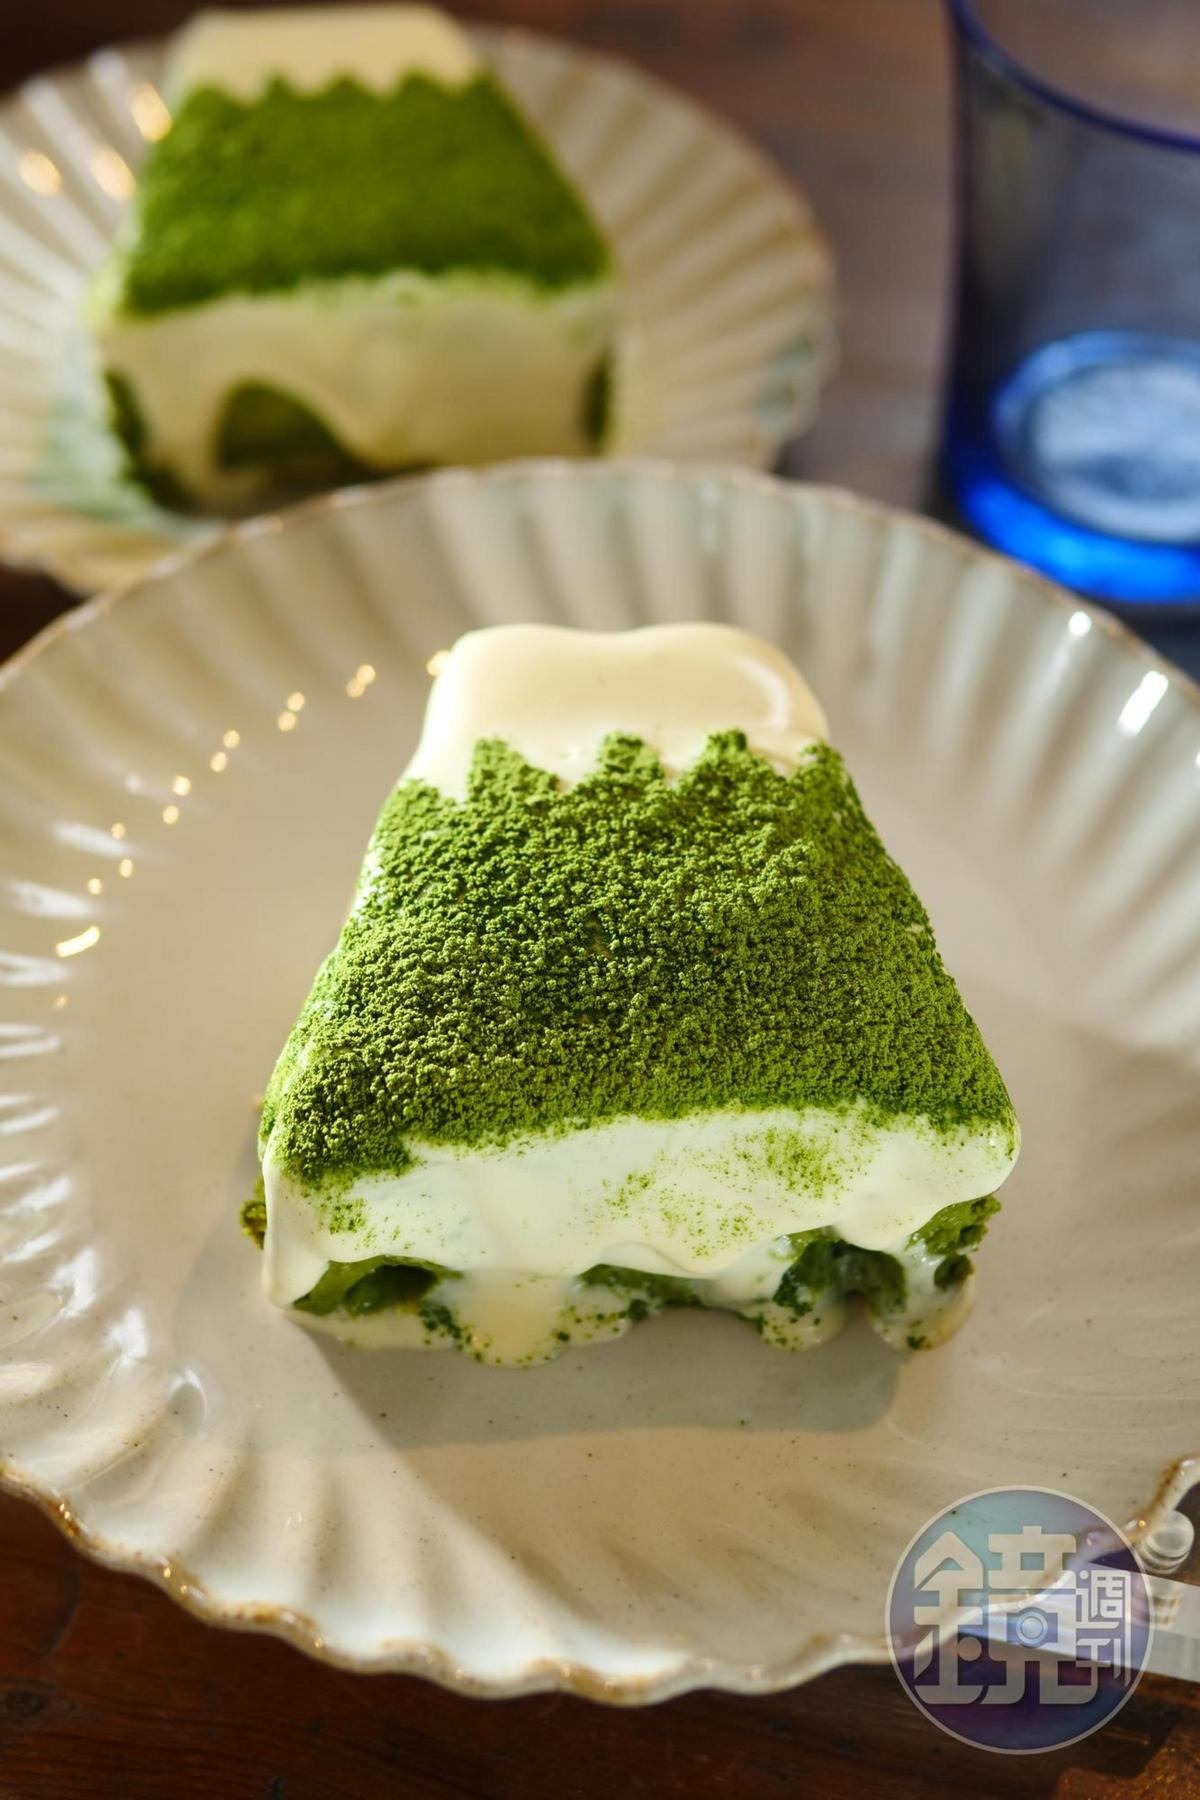 手工切形的「抹茶提拉米蘇」如富士山縮小版,上桌前會撒上厚厚抹茶粉。(140元/份)